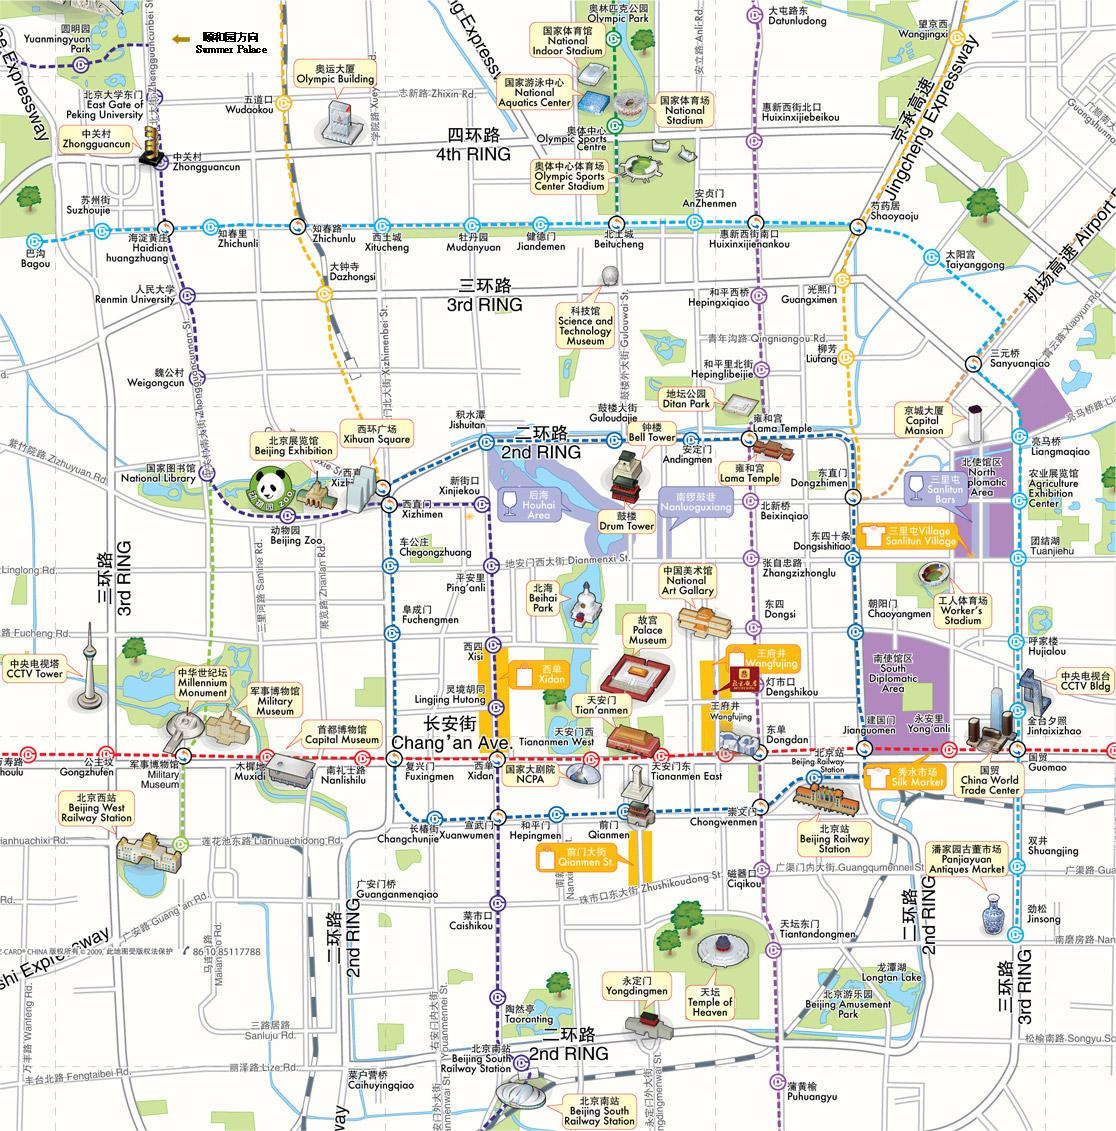 Mapa Turistico de Pequim